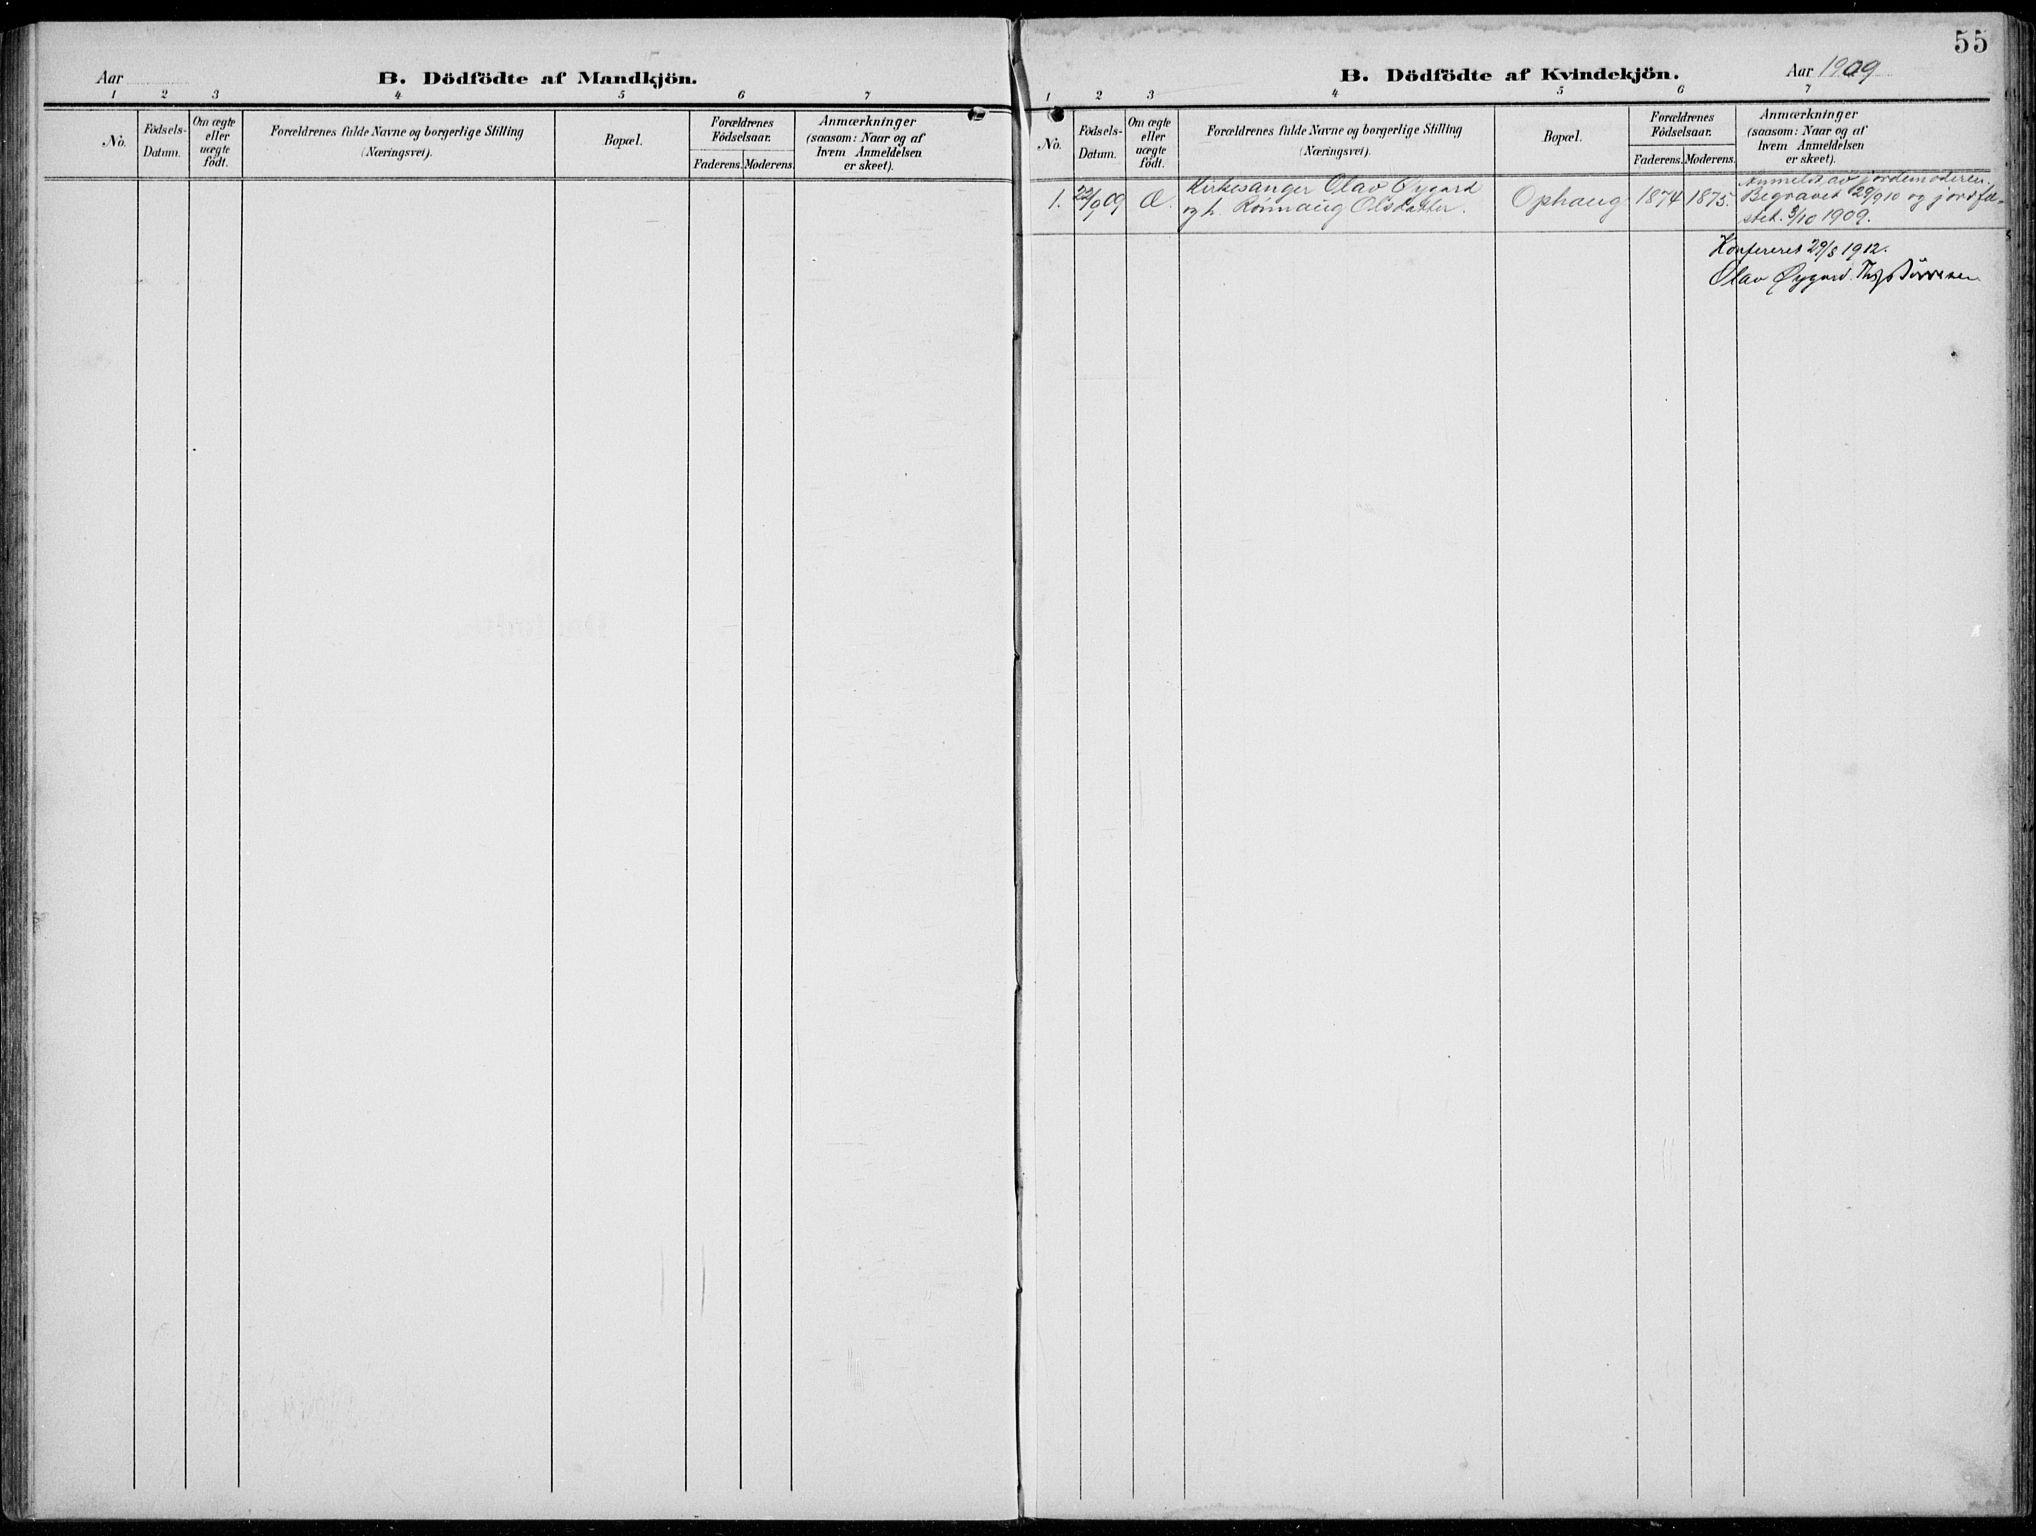 SAH, Lom prestekontor, L/L0007: Klokkerbok nr. 7, 1904-1938, s. 55